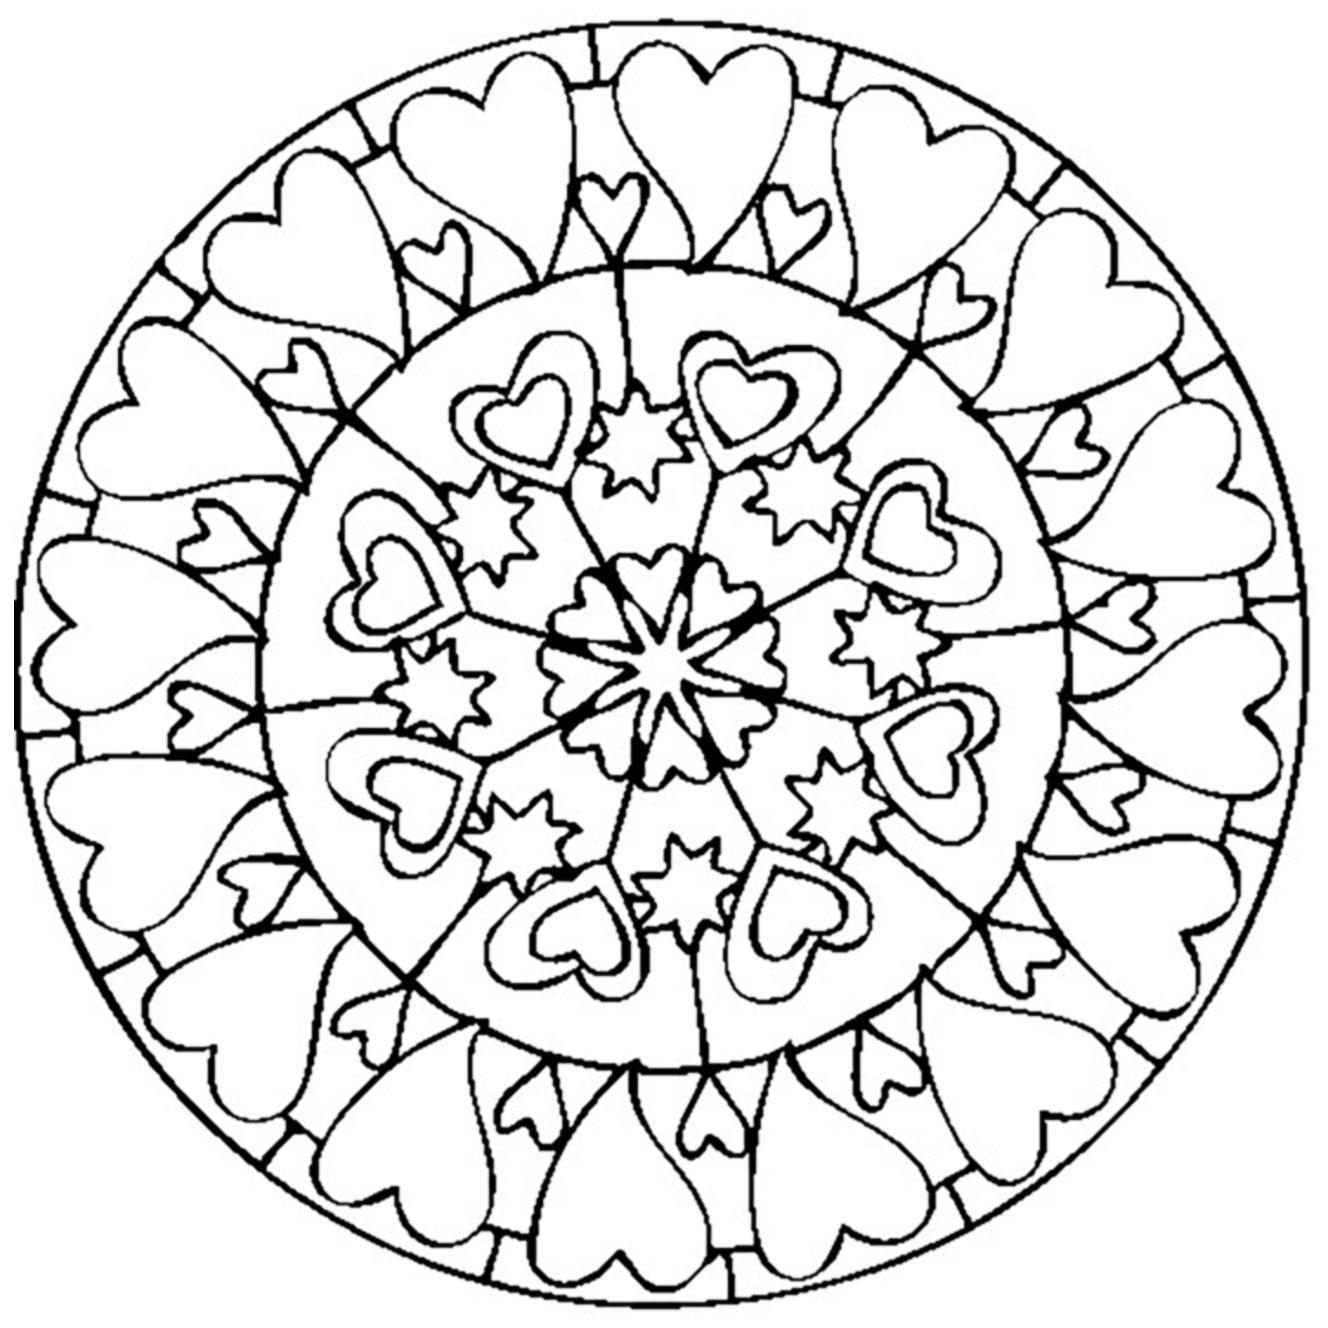 Disegni da colorare per adulti : Mandalas - 136